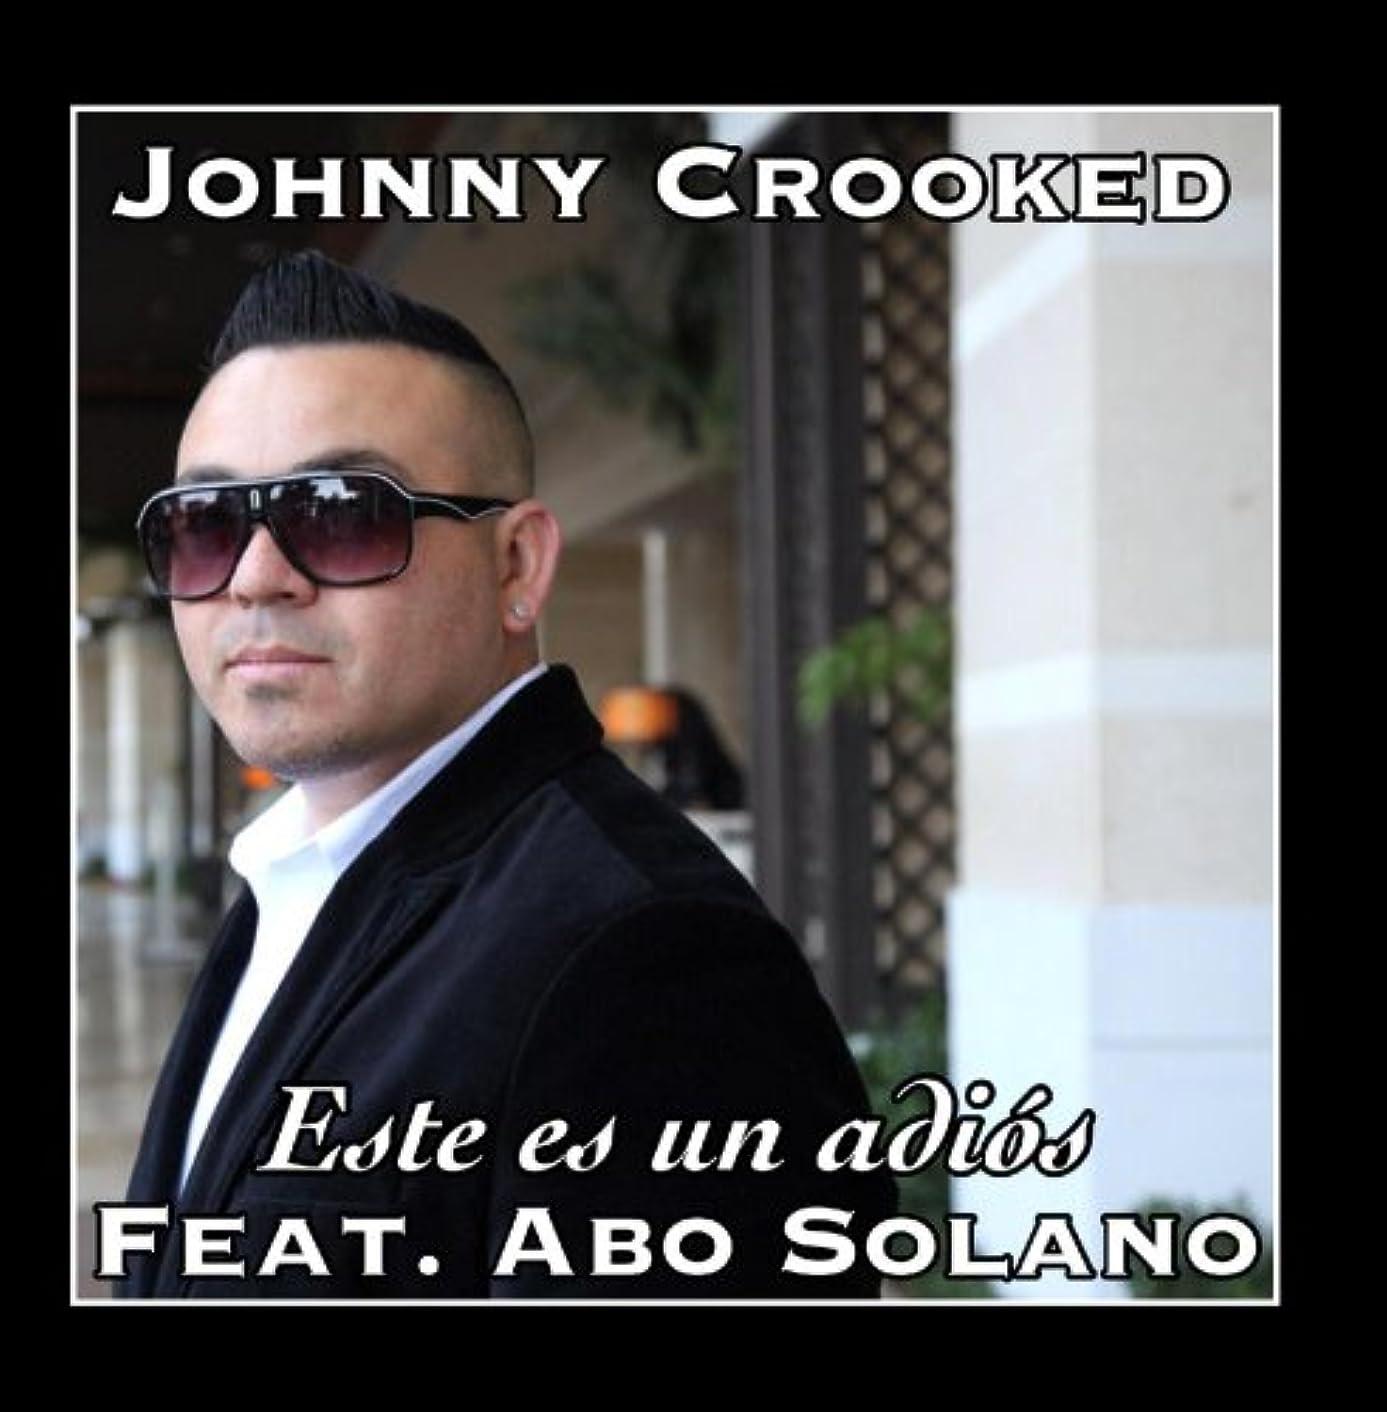 Este Es Un Adios feat. Abo Solano